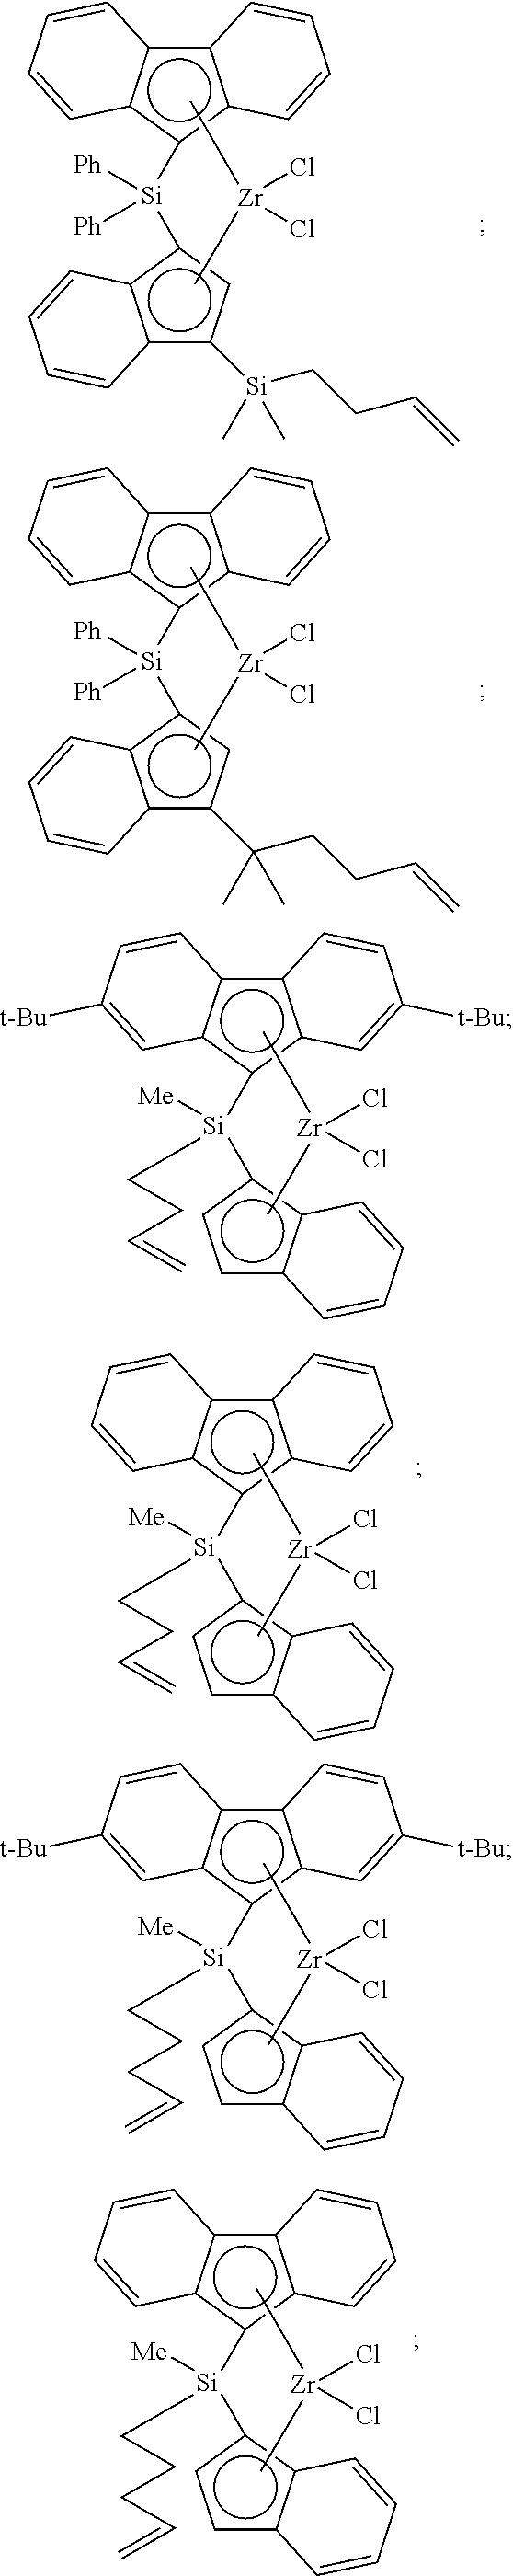 Figure US08450436-20130528-C00021